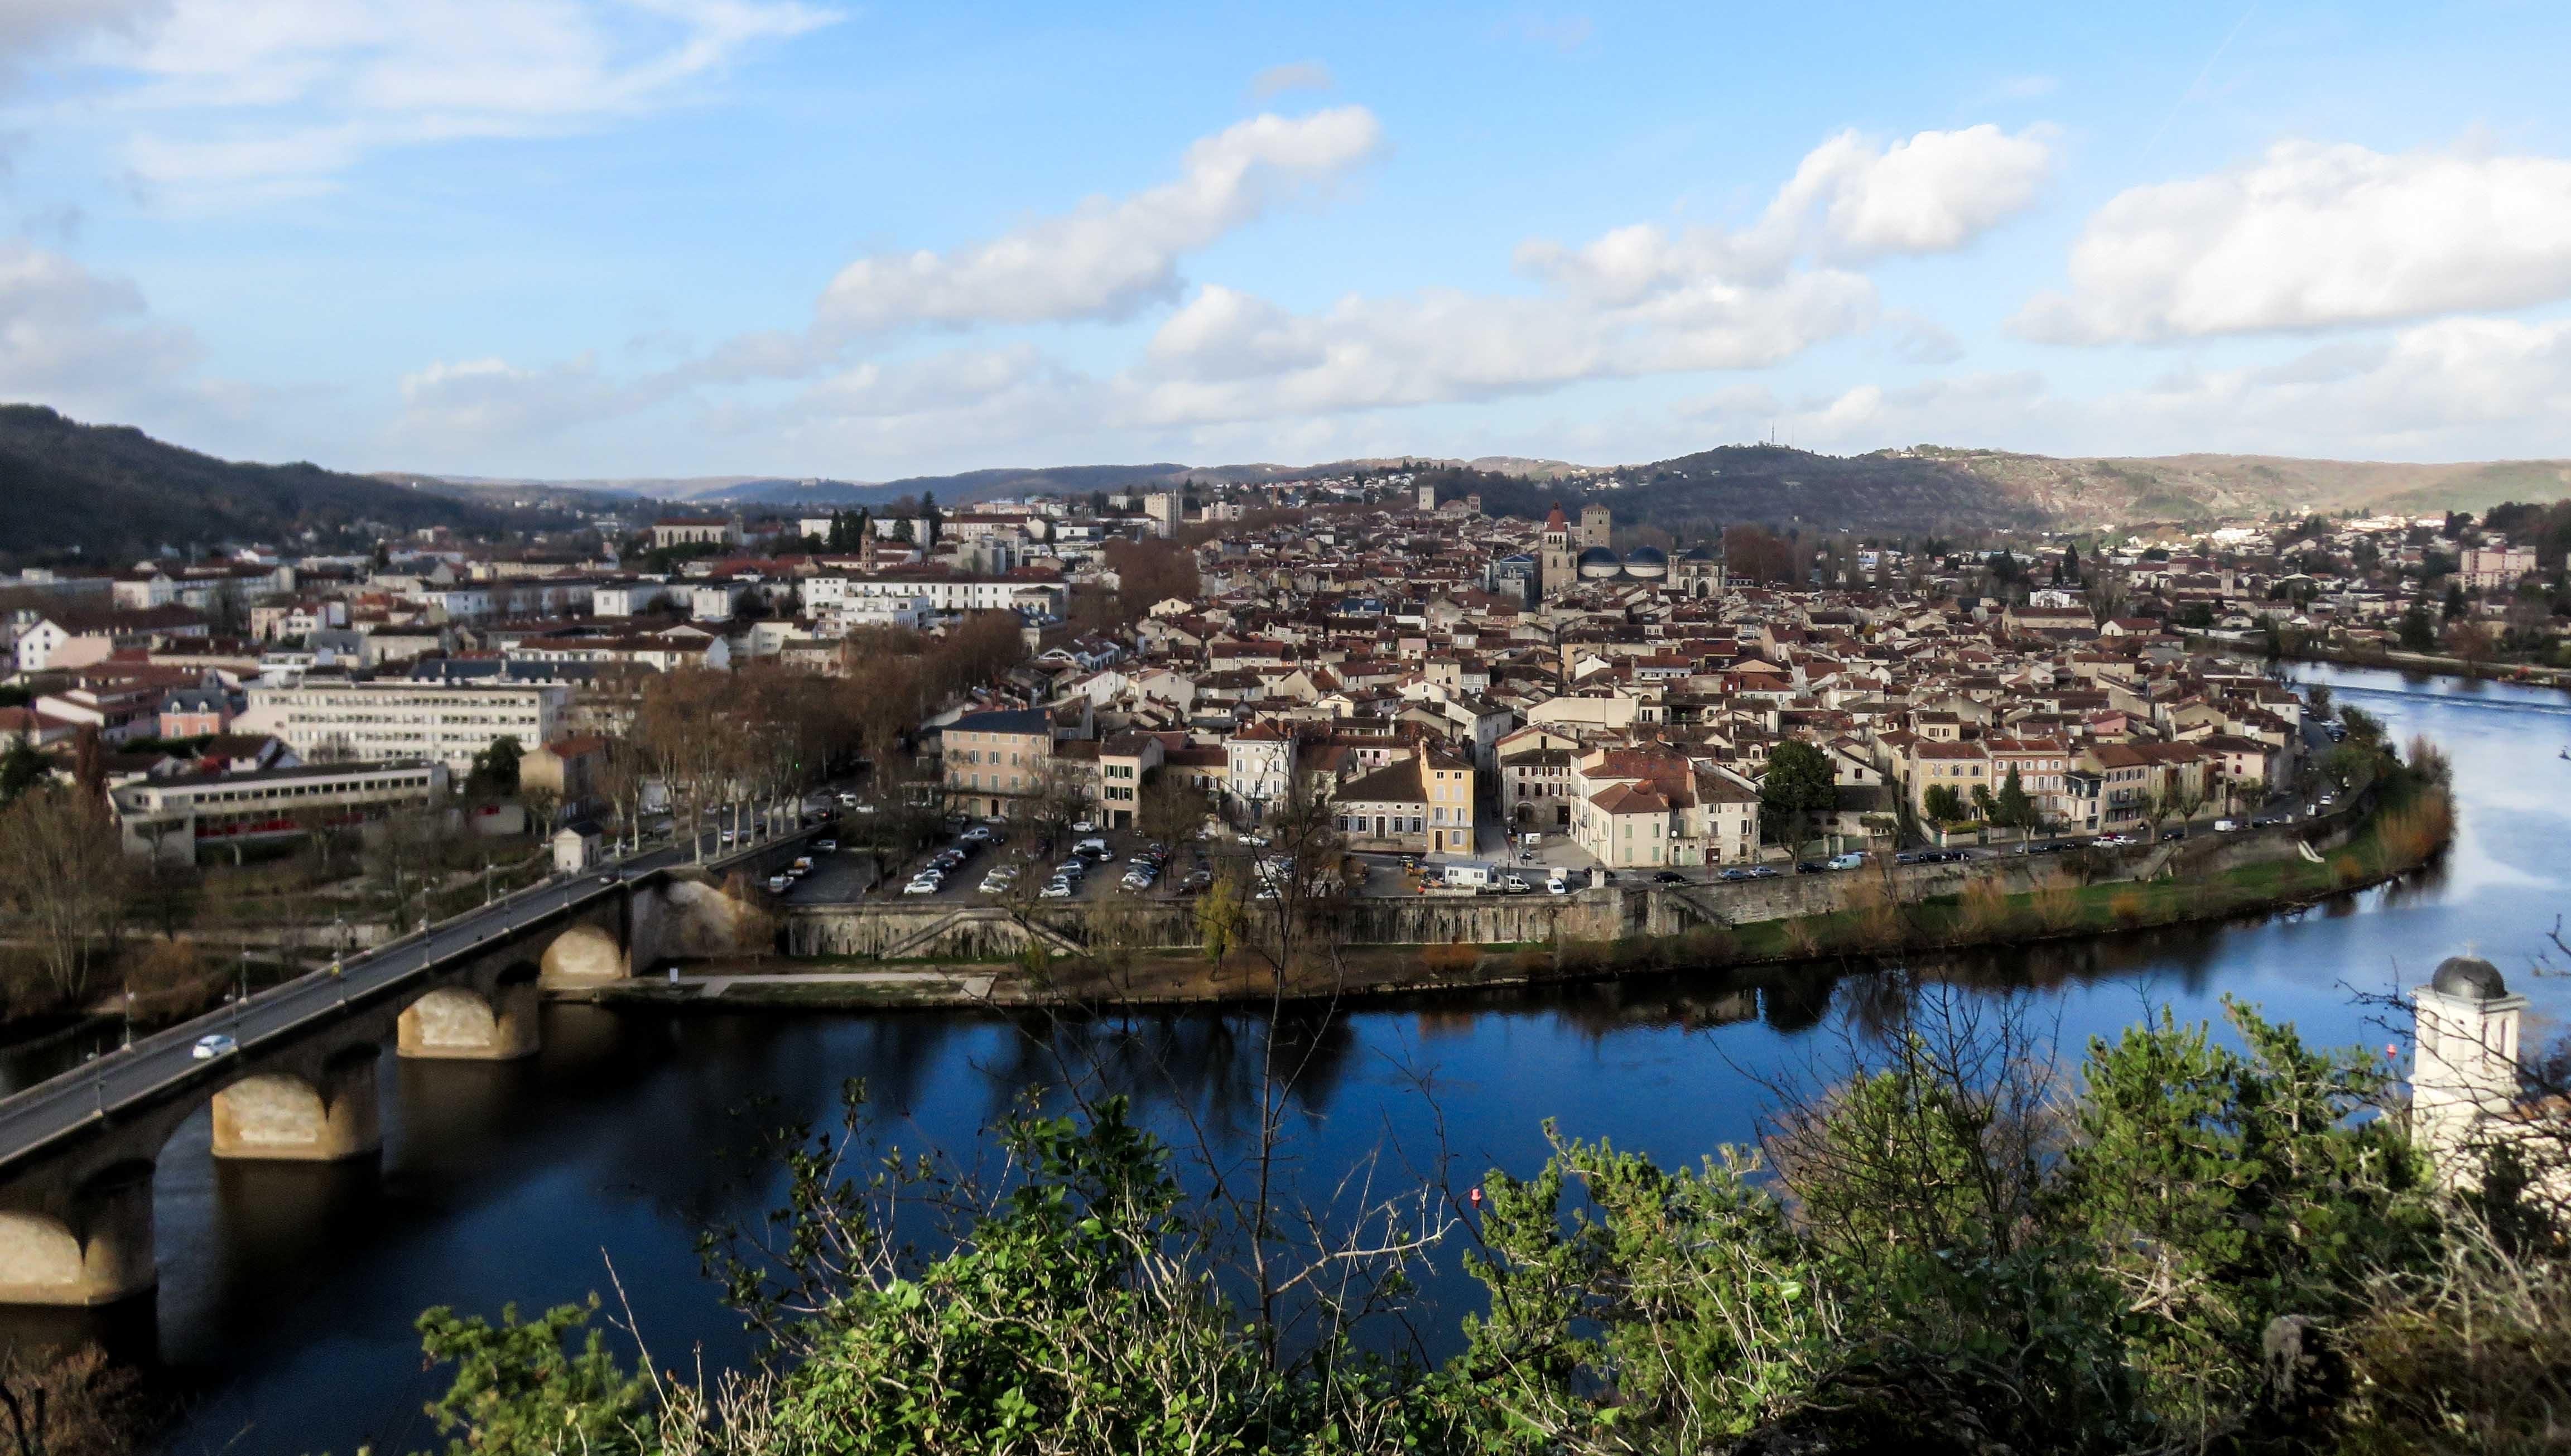 St Cyr vue sur Cahors